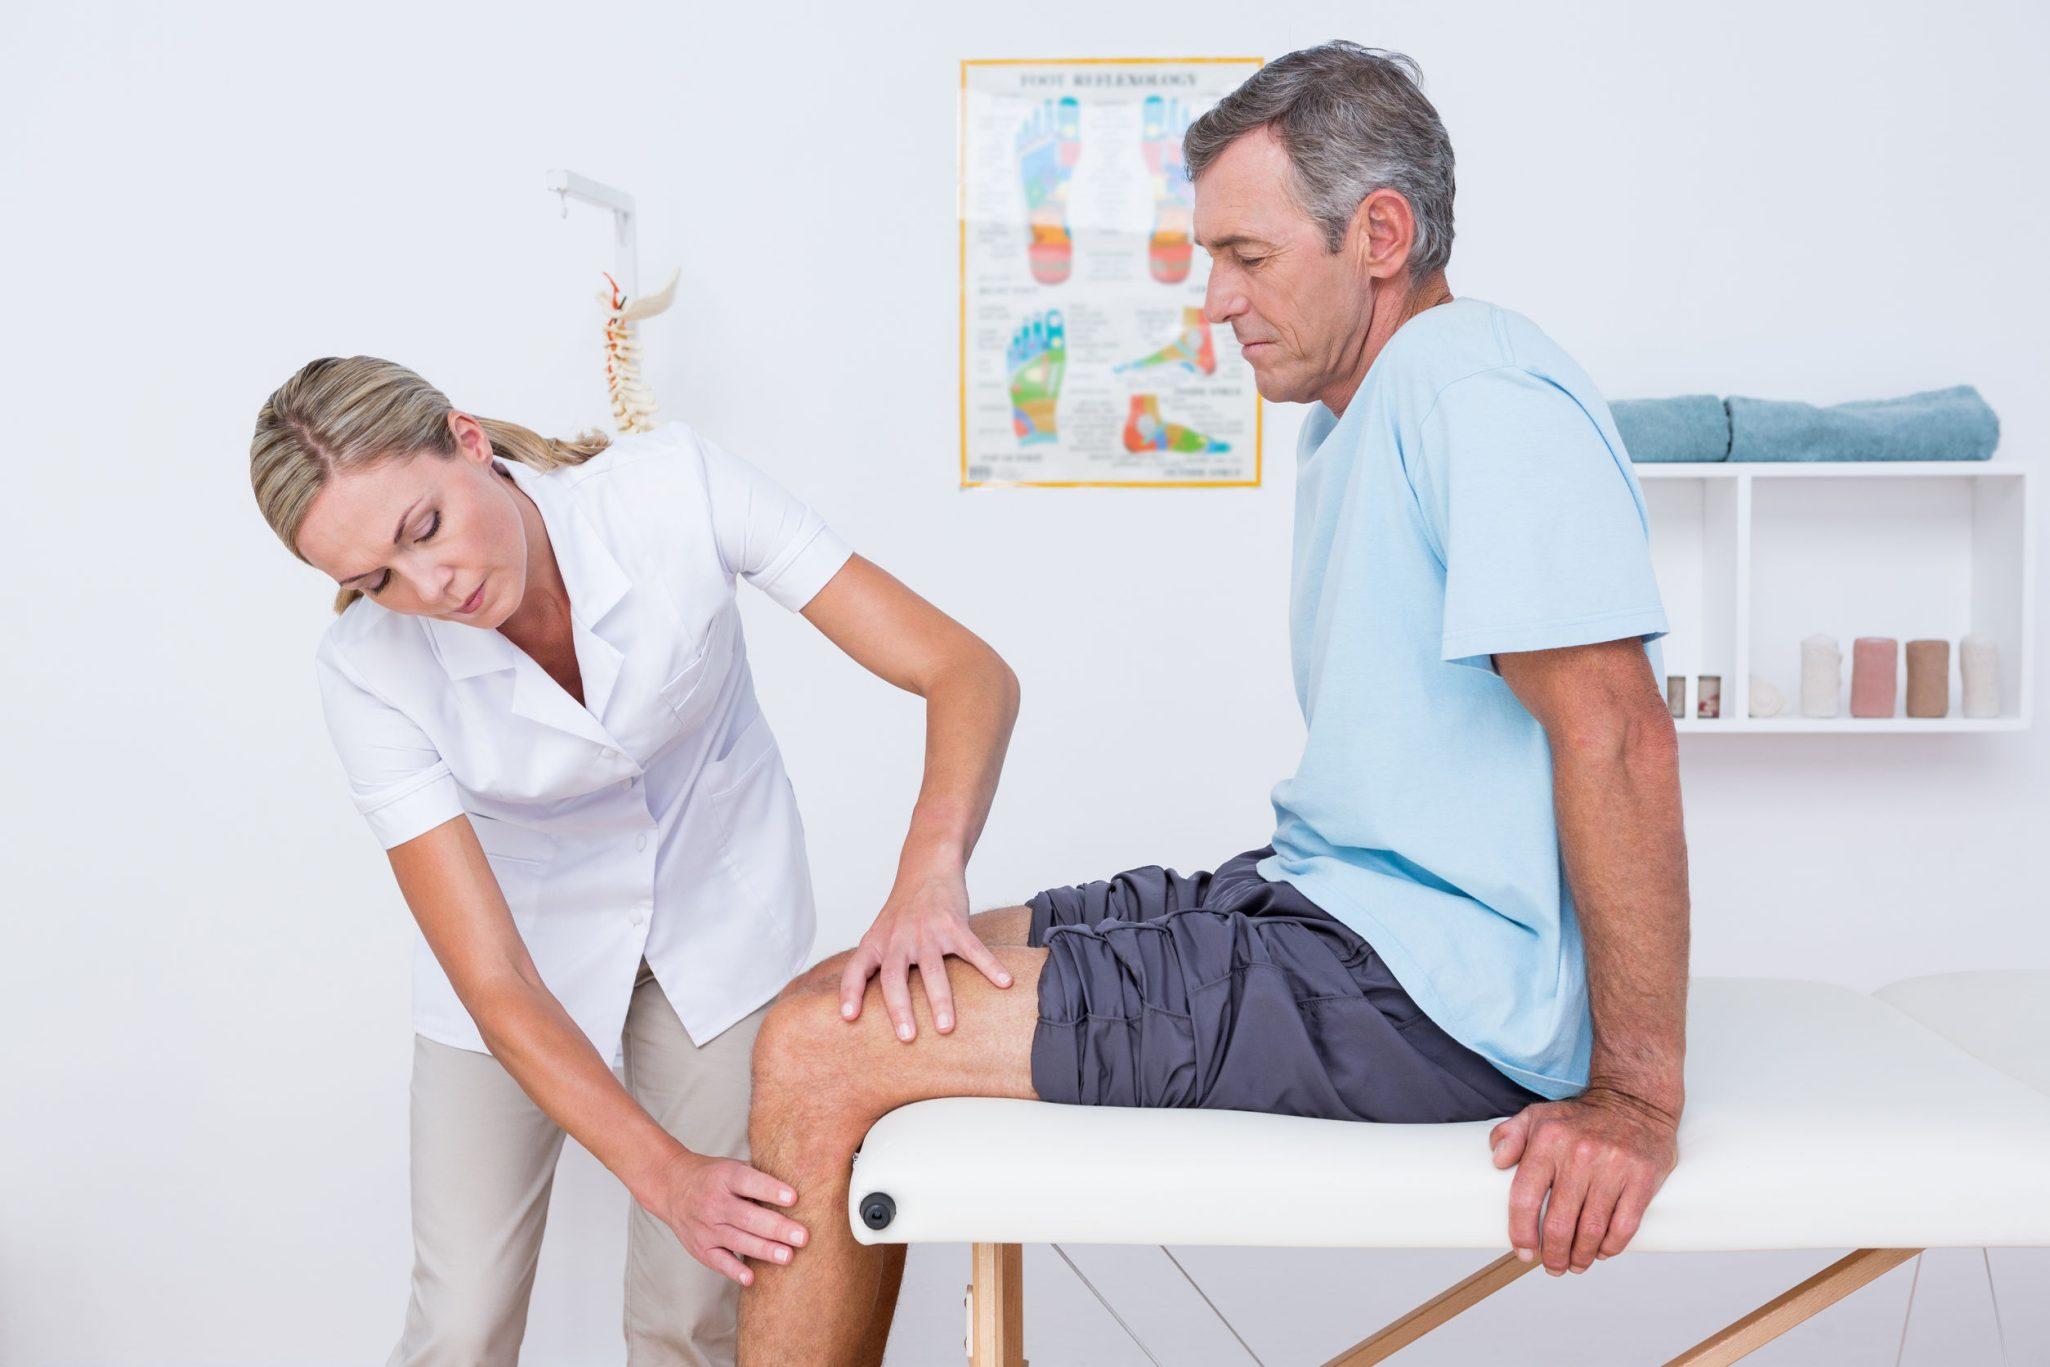 Tipos de lesiones de rodilla más frecuentes